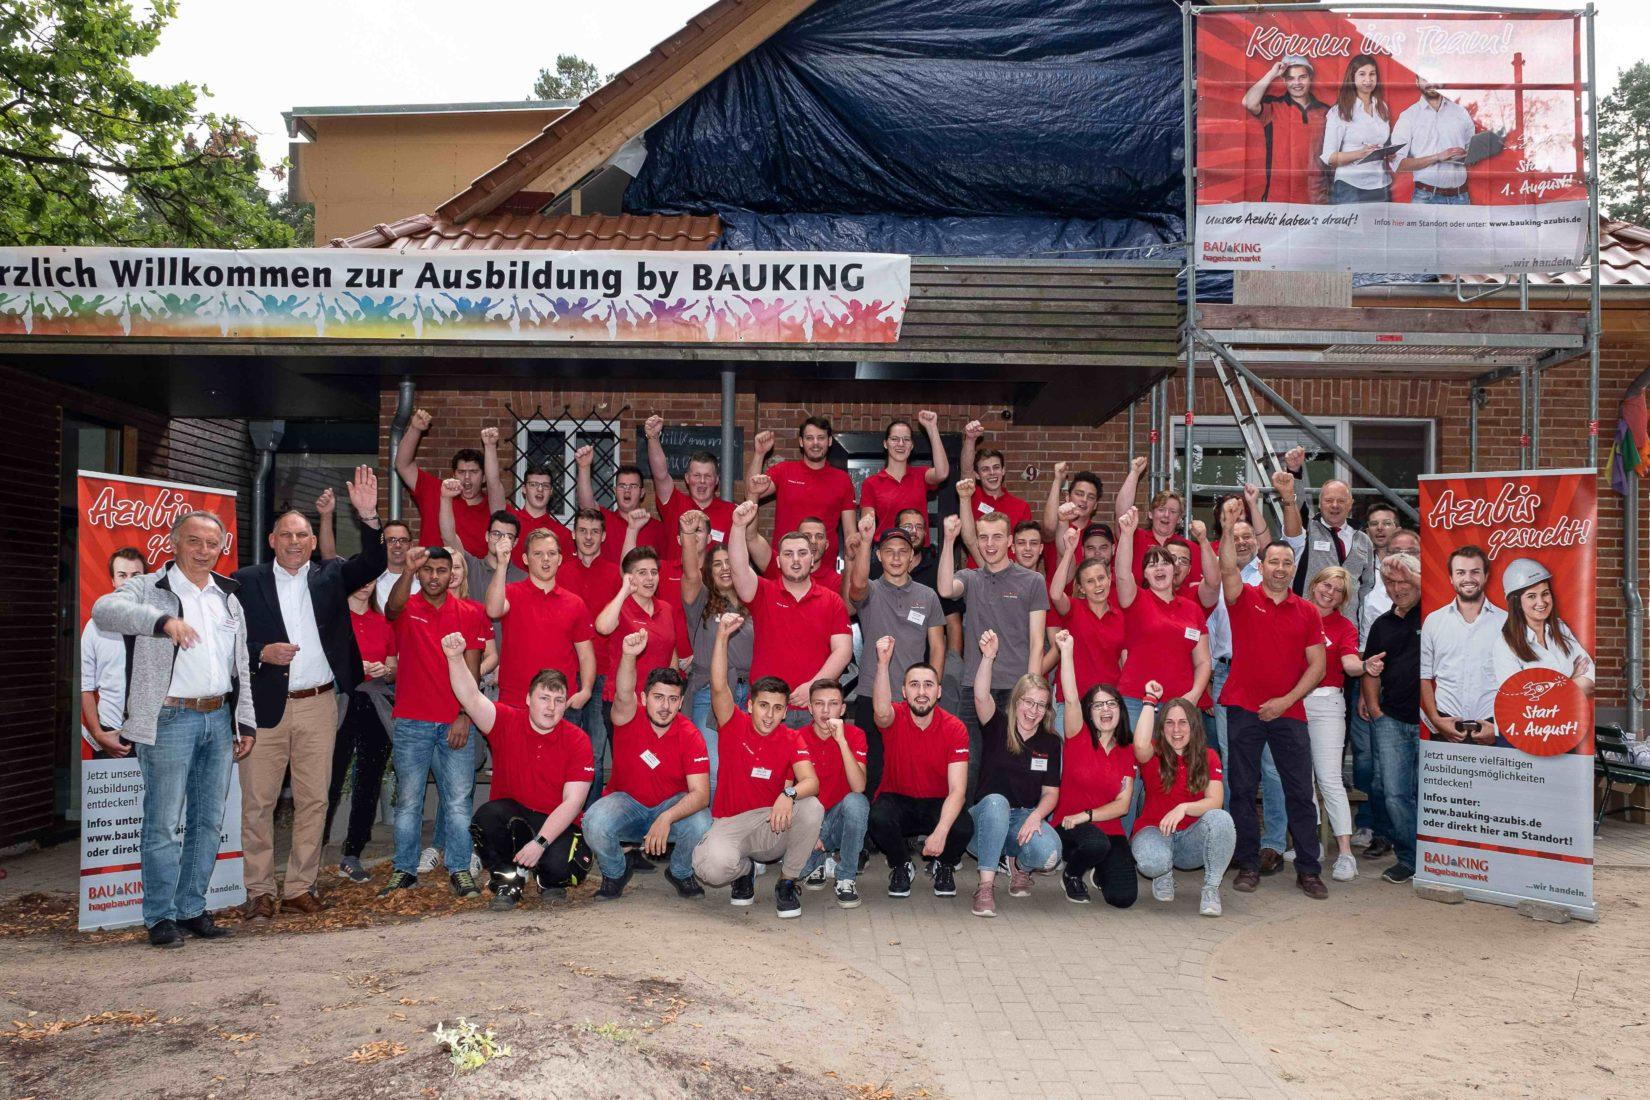 Die 40 Auszubildenden beim Azubi-Camp in Waren a. d. Müritz. Fotos: Bauking AG